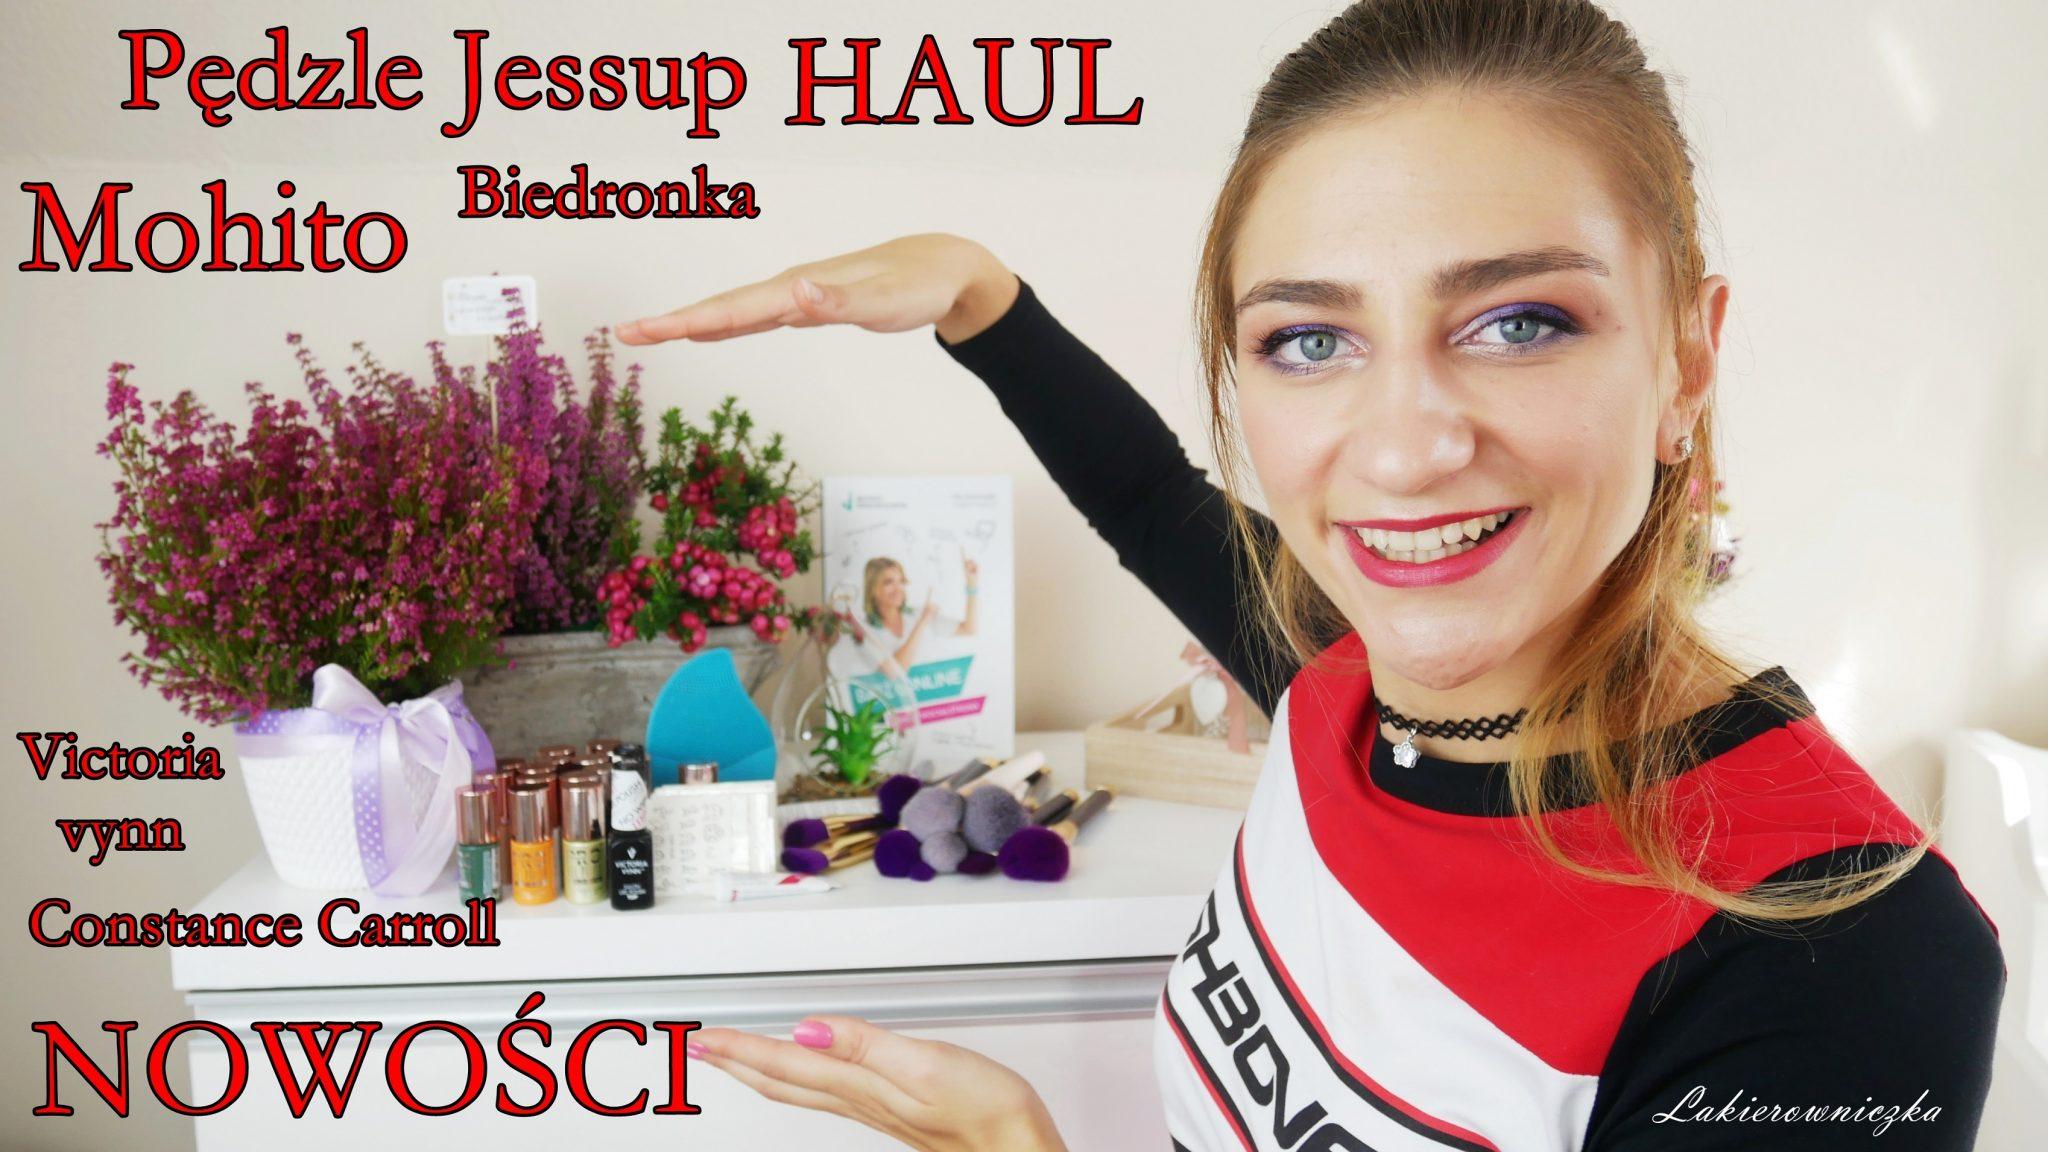 haul-pedzle-Jessup-i-nowosci-z-bedronki-szczoteczka-soniczna-opinie-hybrydy-Constance-Carrols-olejek-Isana-marmur-tlo-Badz-online-ksiazka-klej-duo-folie-transferowe-naklejki-wodne-Pepco